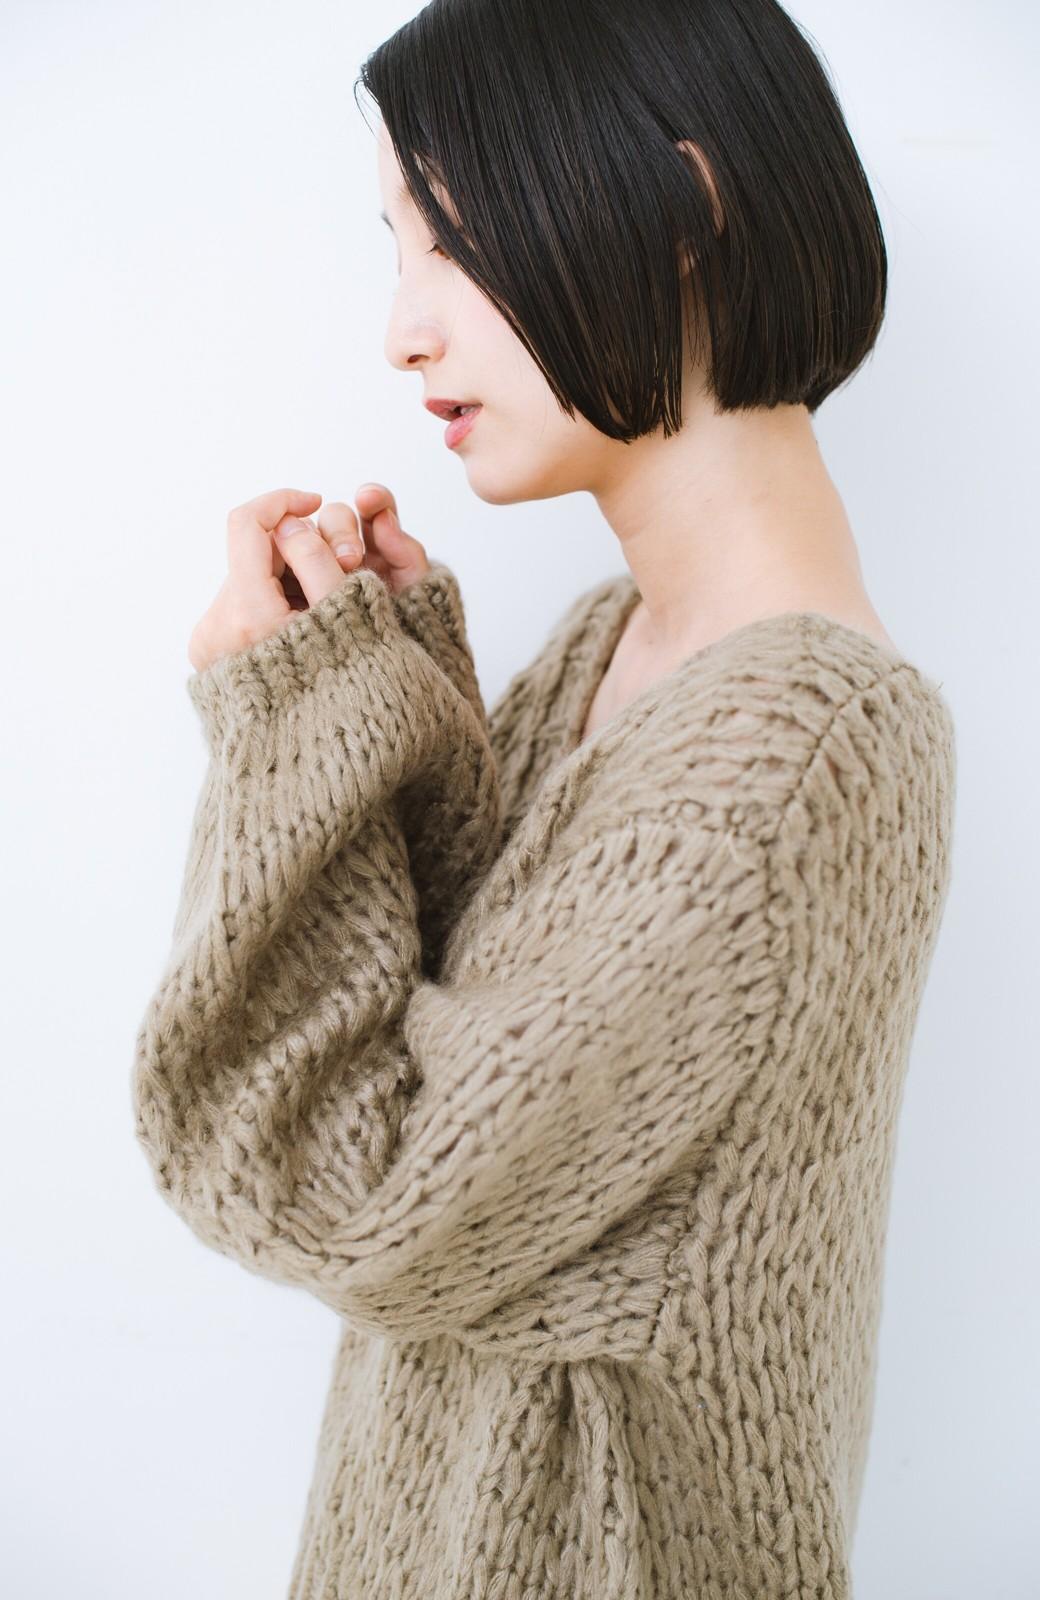 haco! 手編み風のざっくり感で女っぽい Vネックの甘編みルーズニット <グレイッシュベージュ>の商品写真3